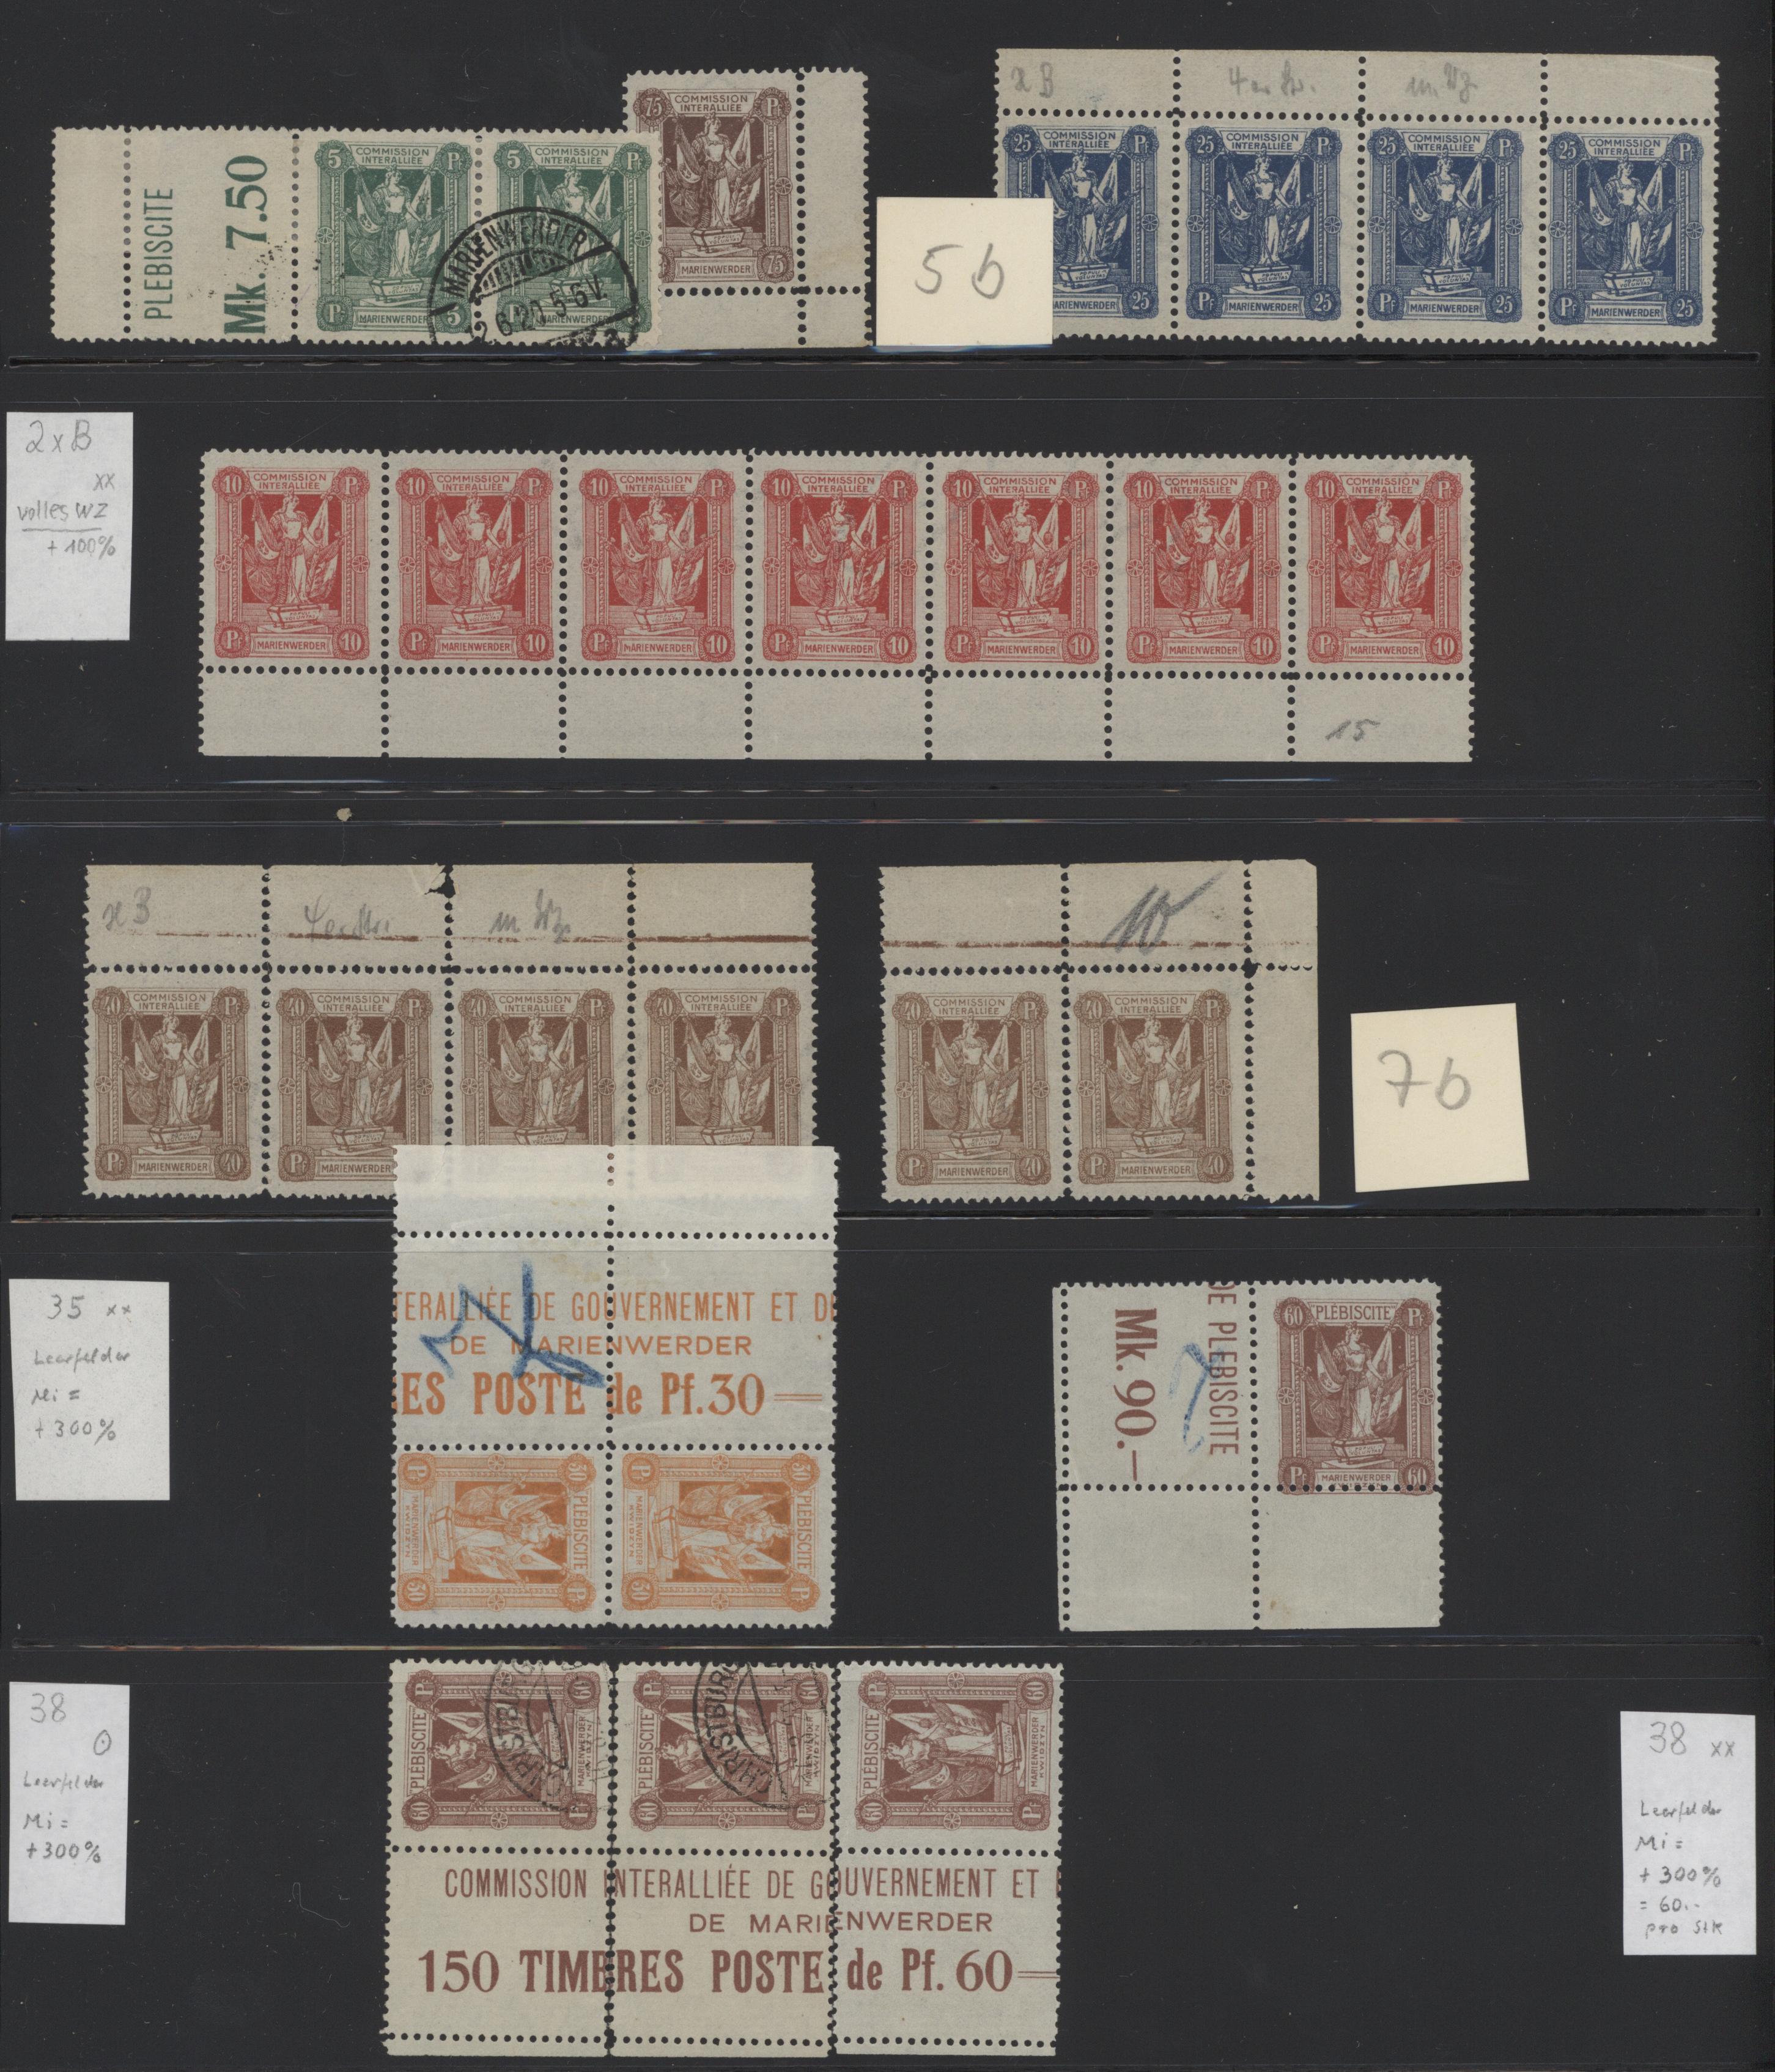 Lot 37008 - Deutsche Abstimmungsgebiete: Marienwerder  -  Auktionshaus Christoph Gärtner GmbH & Co. KG Sale #44 Collections Germany